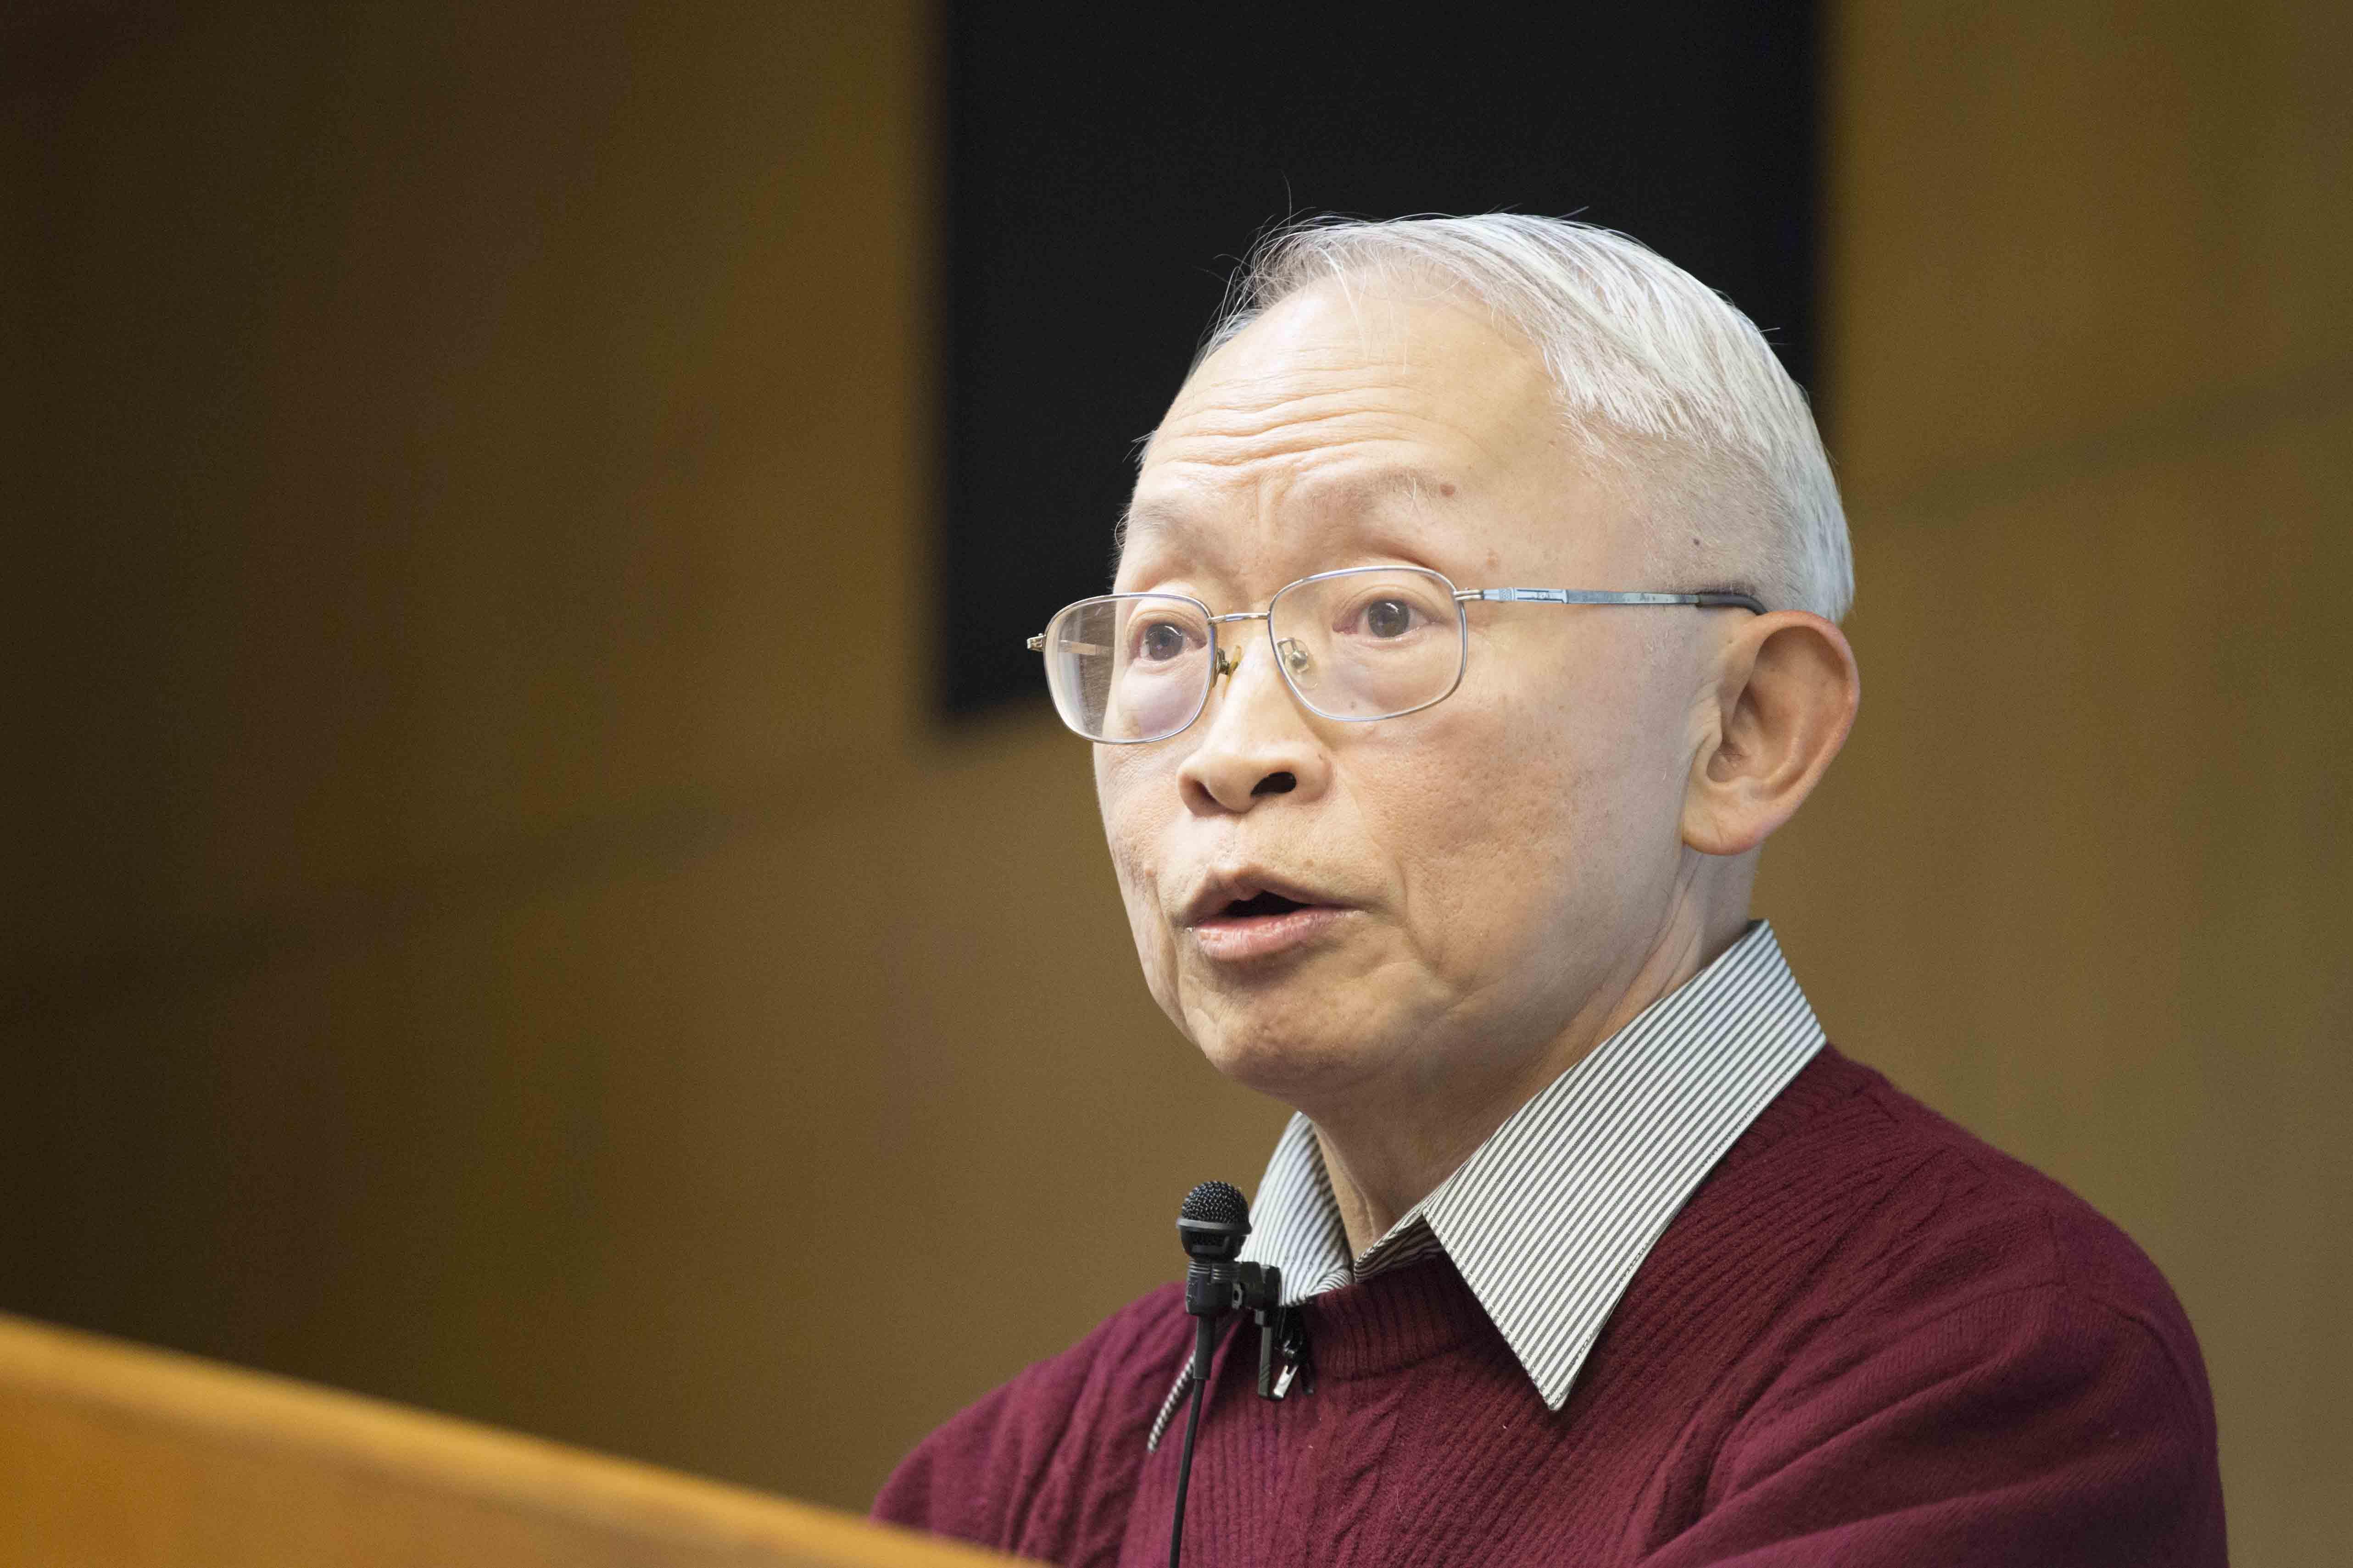 李琳山是臺灣研究語音技術的先行者,也是全球研究華語語音技術的拓荒者,一路看著「華語語音技術」由誕生、成長到茁壯。 圖│研之有物